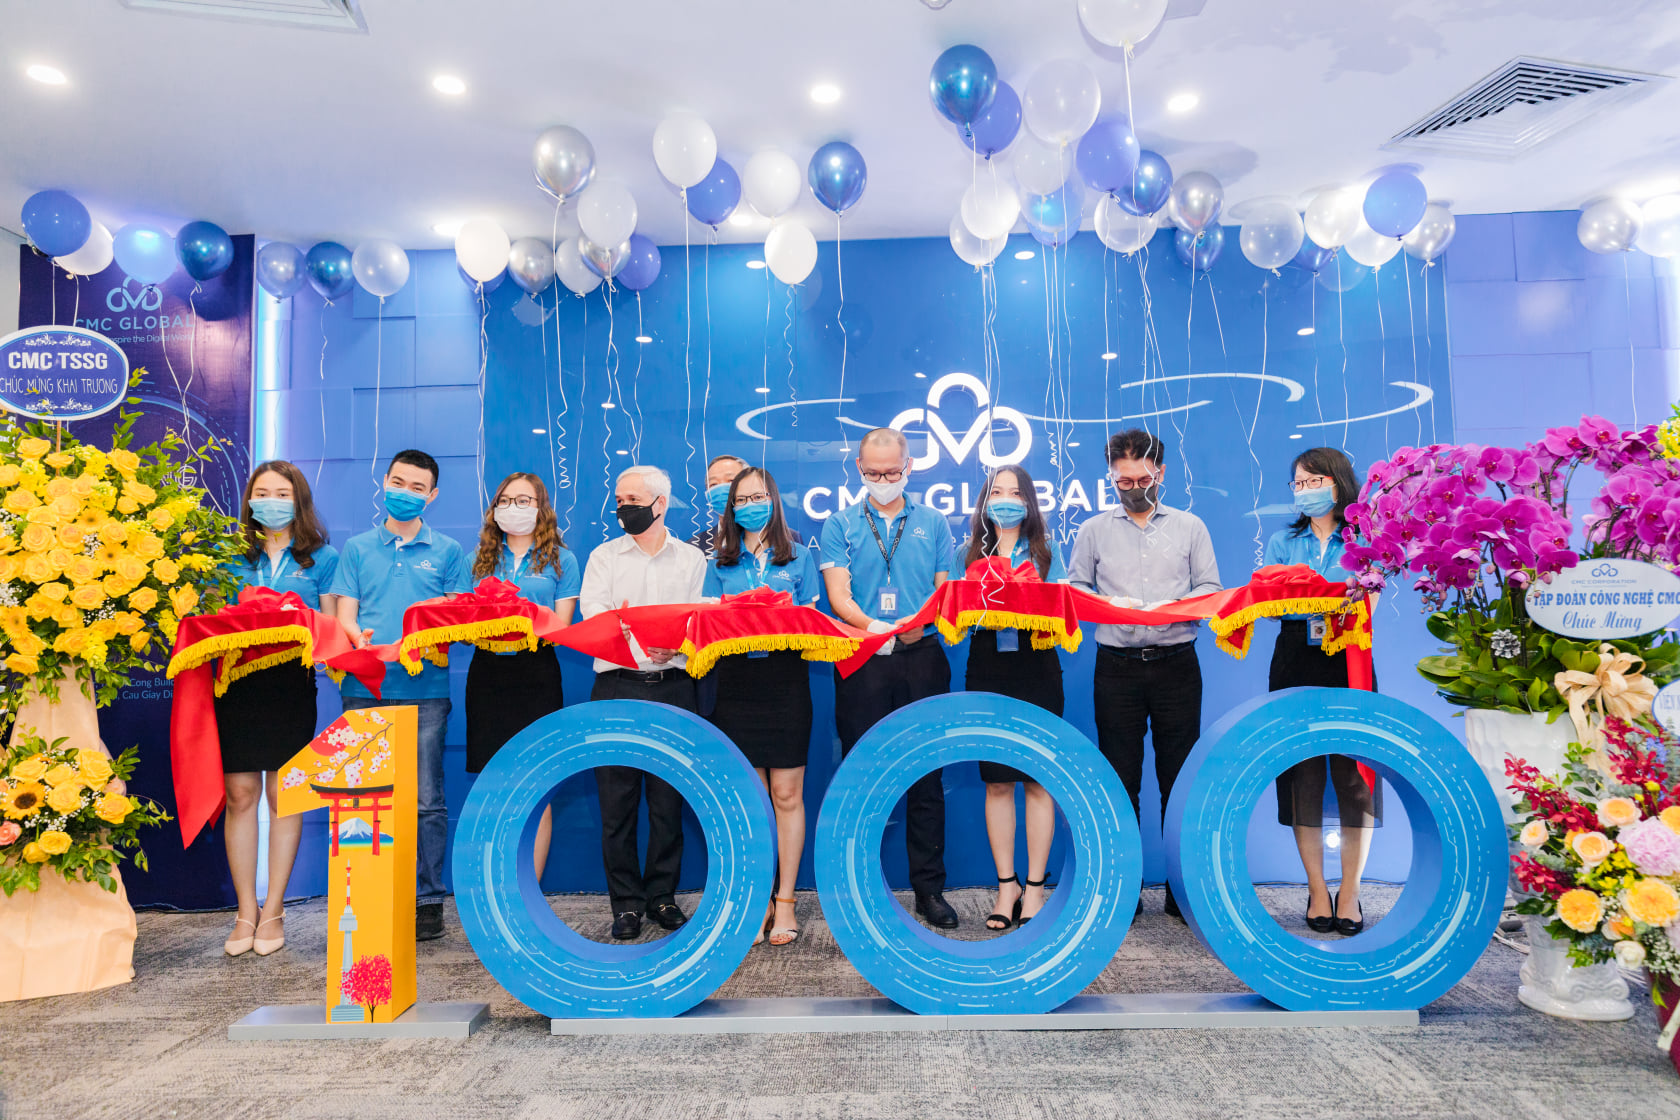 CMC Global Khai trương văn phòng mới tại Hà Nội